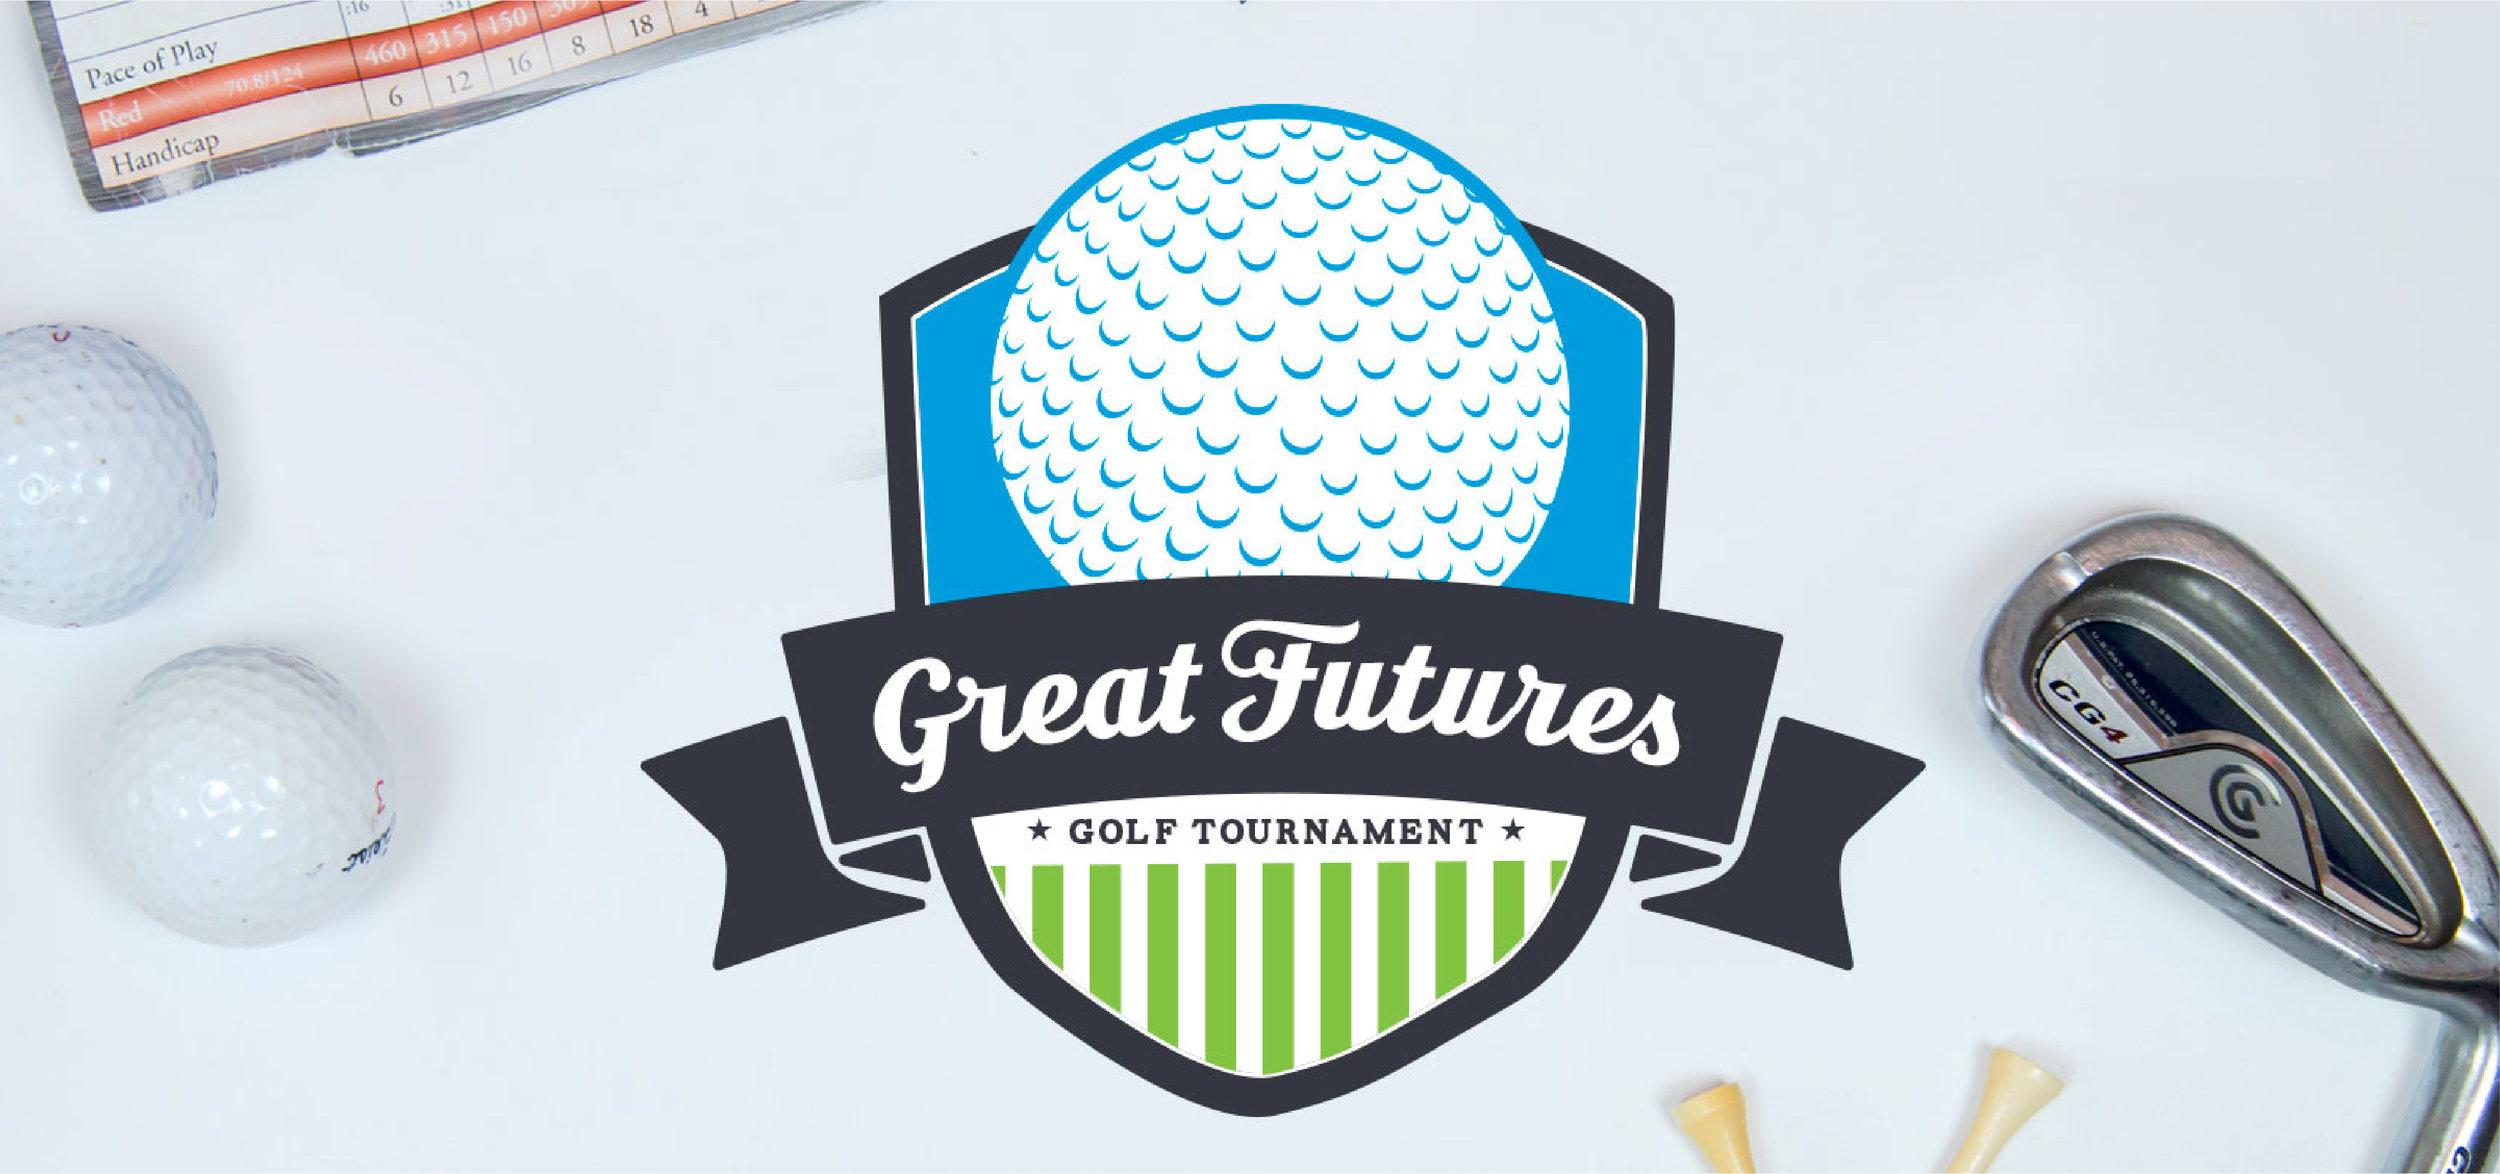 Great Futures top.jpg